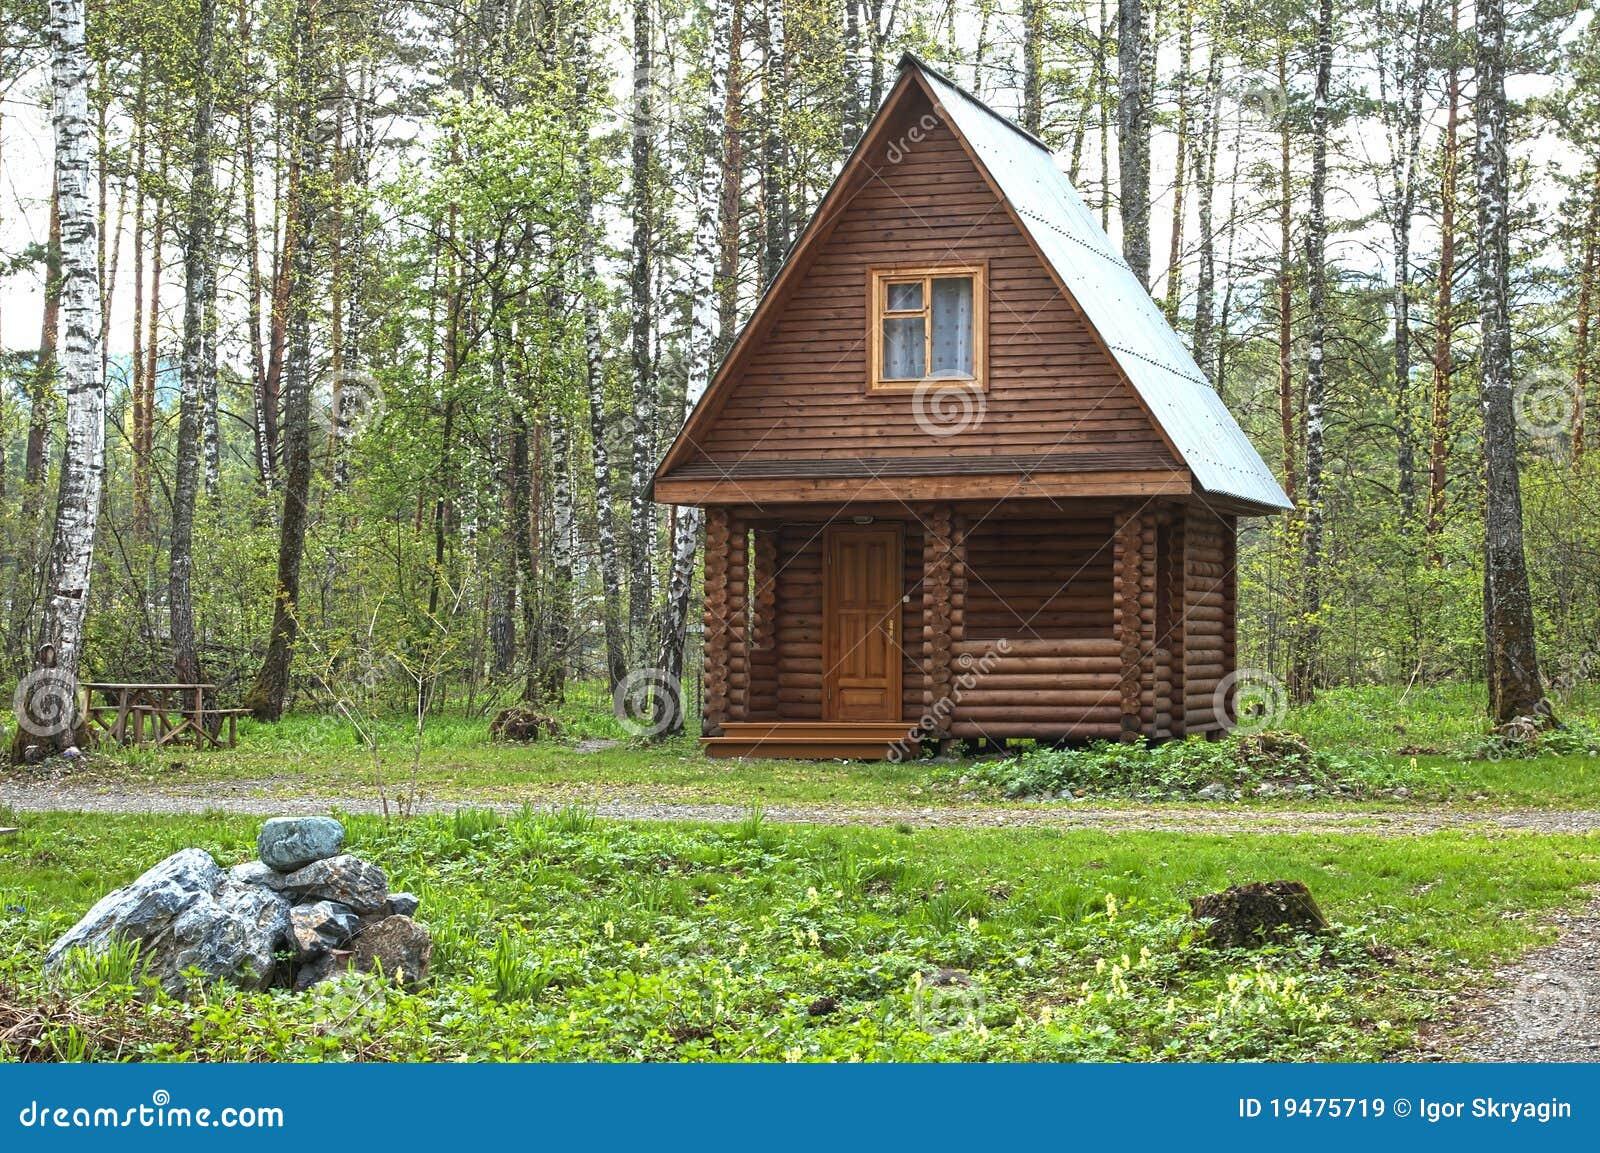 Peque a casa de madera en una madera for Casas de madera pequenas